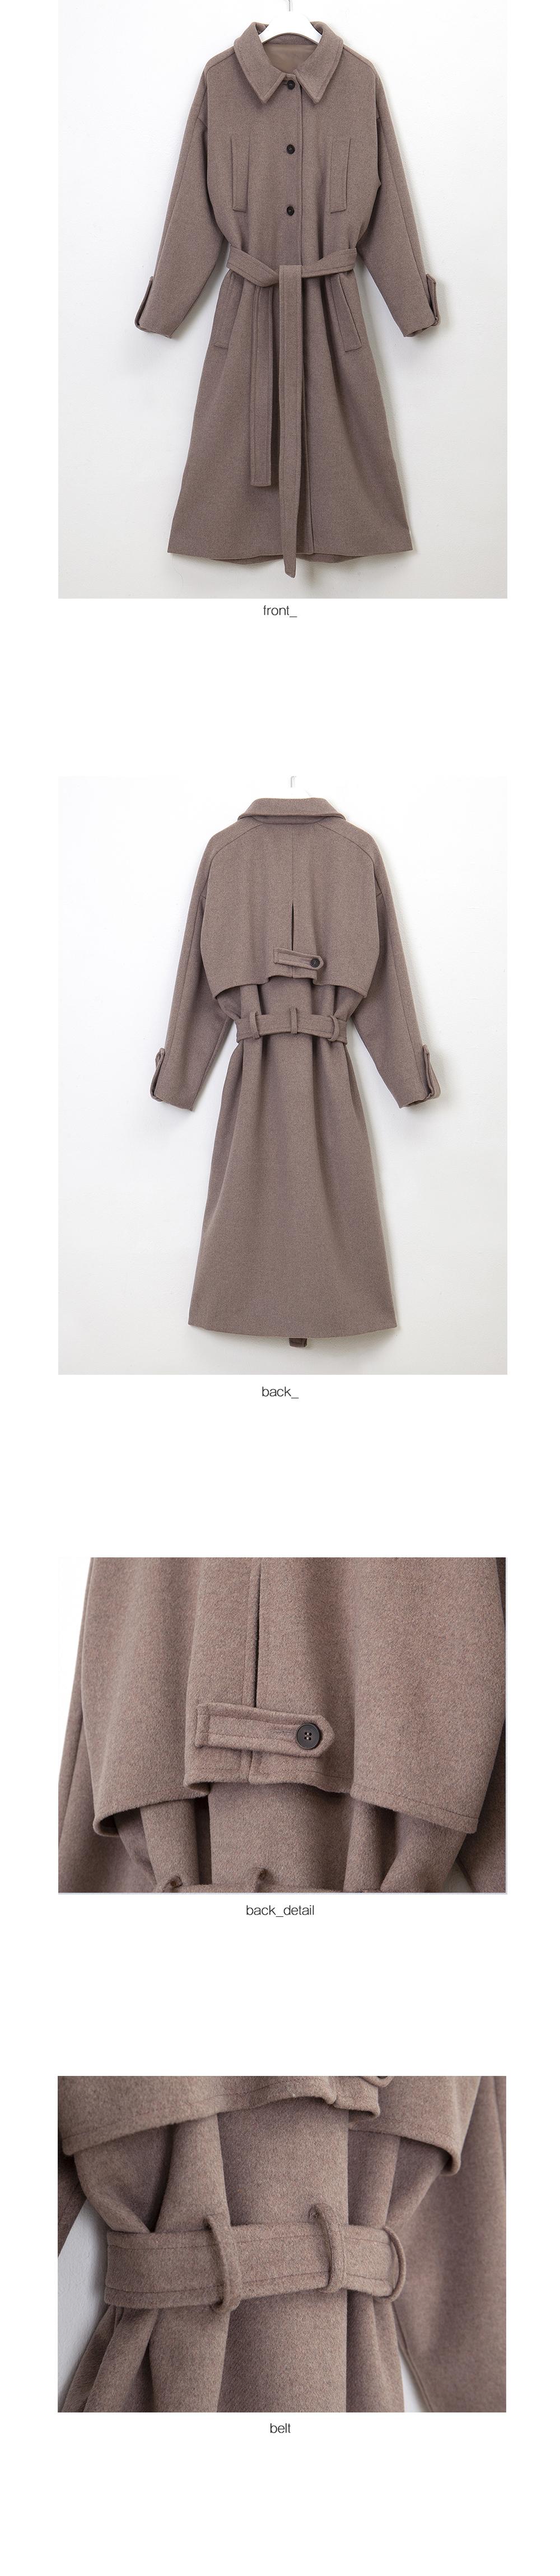 wool-trench-coat-oatmeal_03.jpg